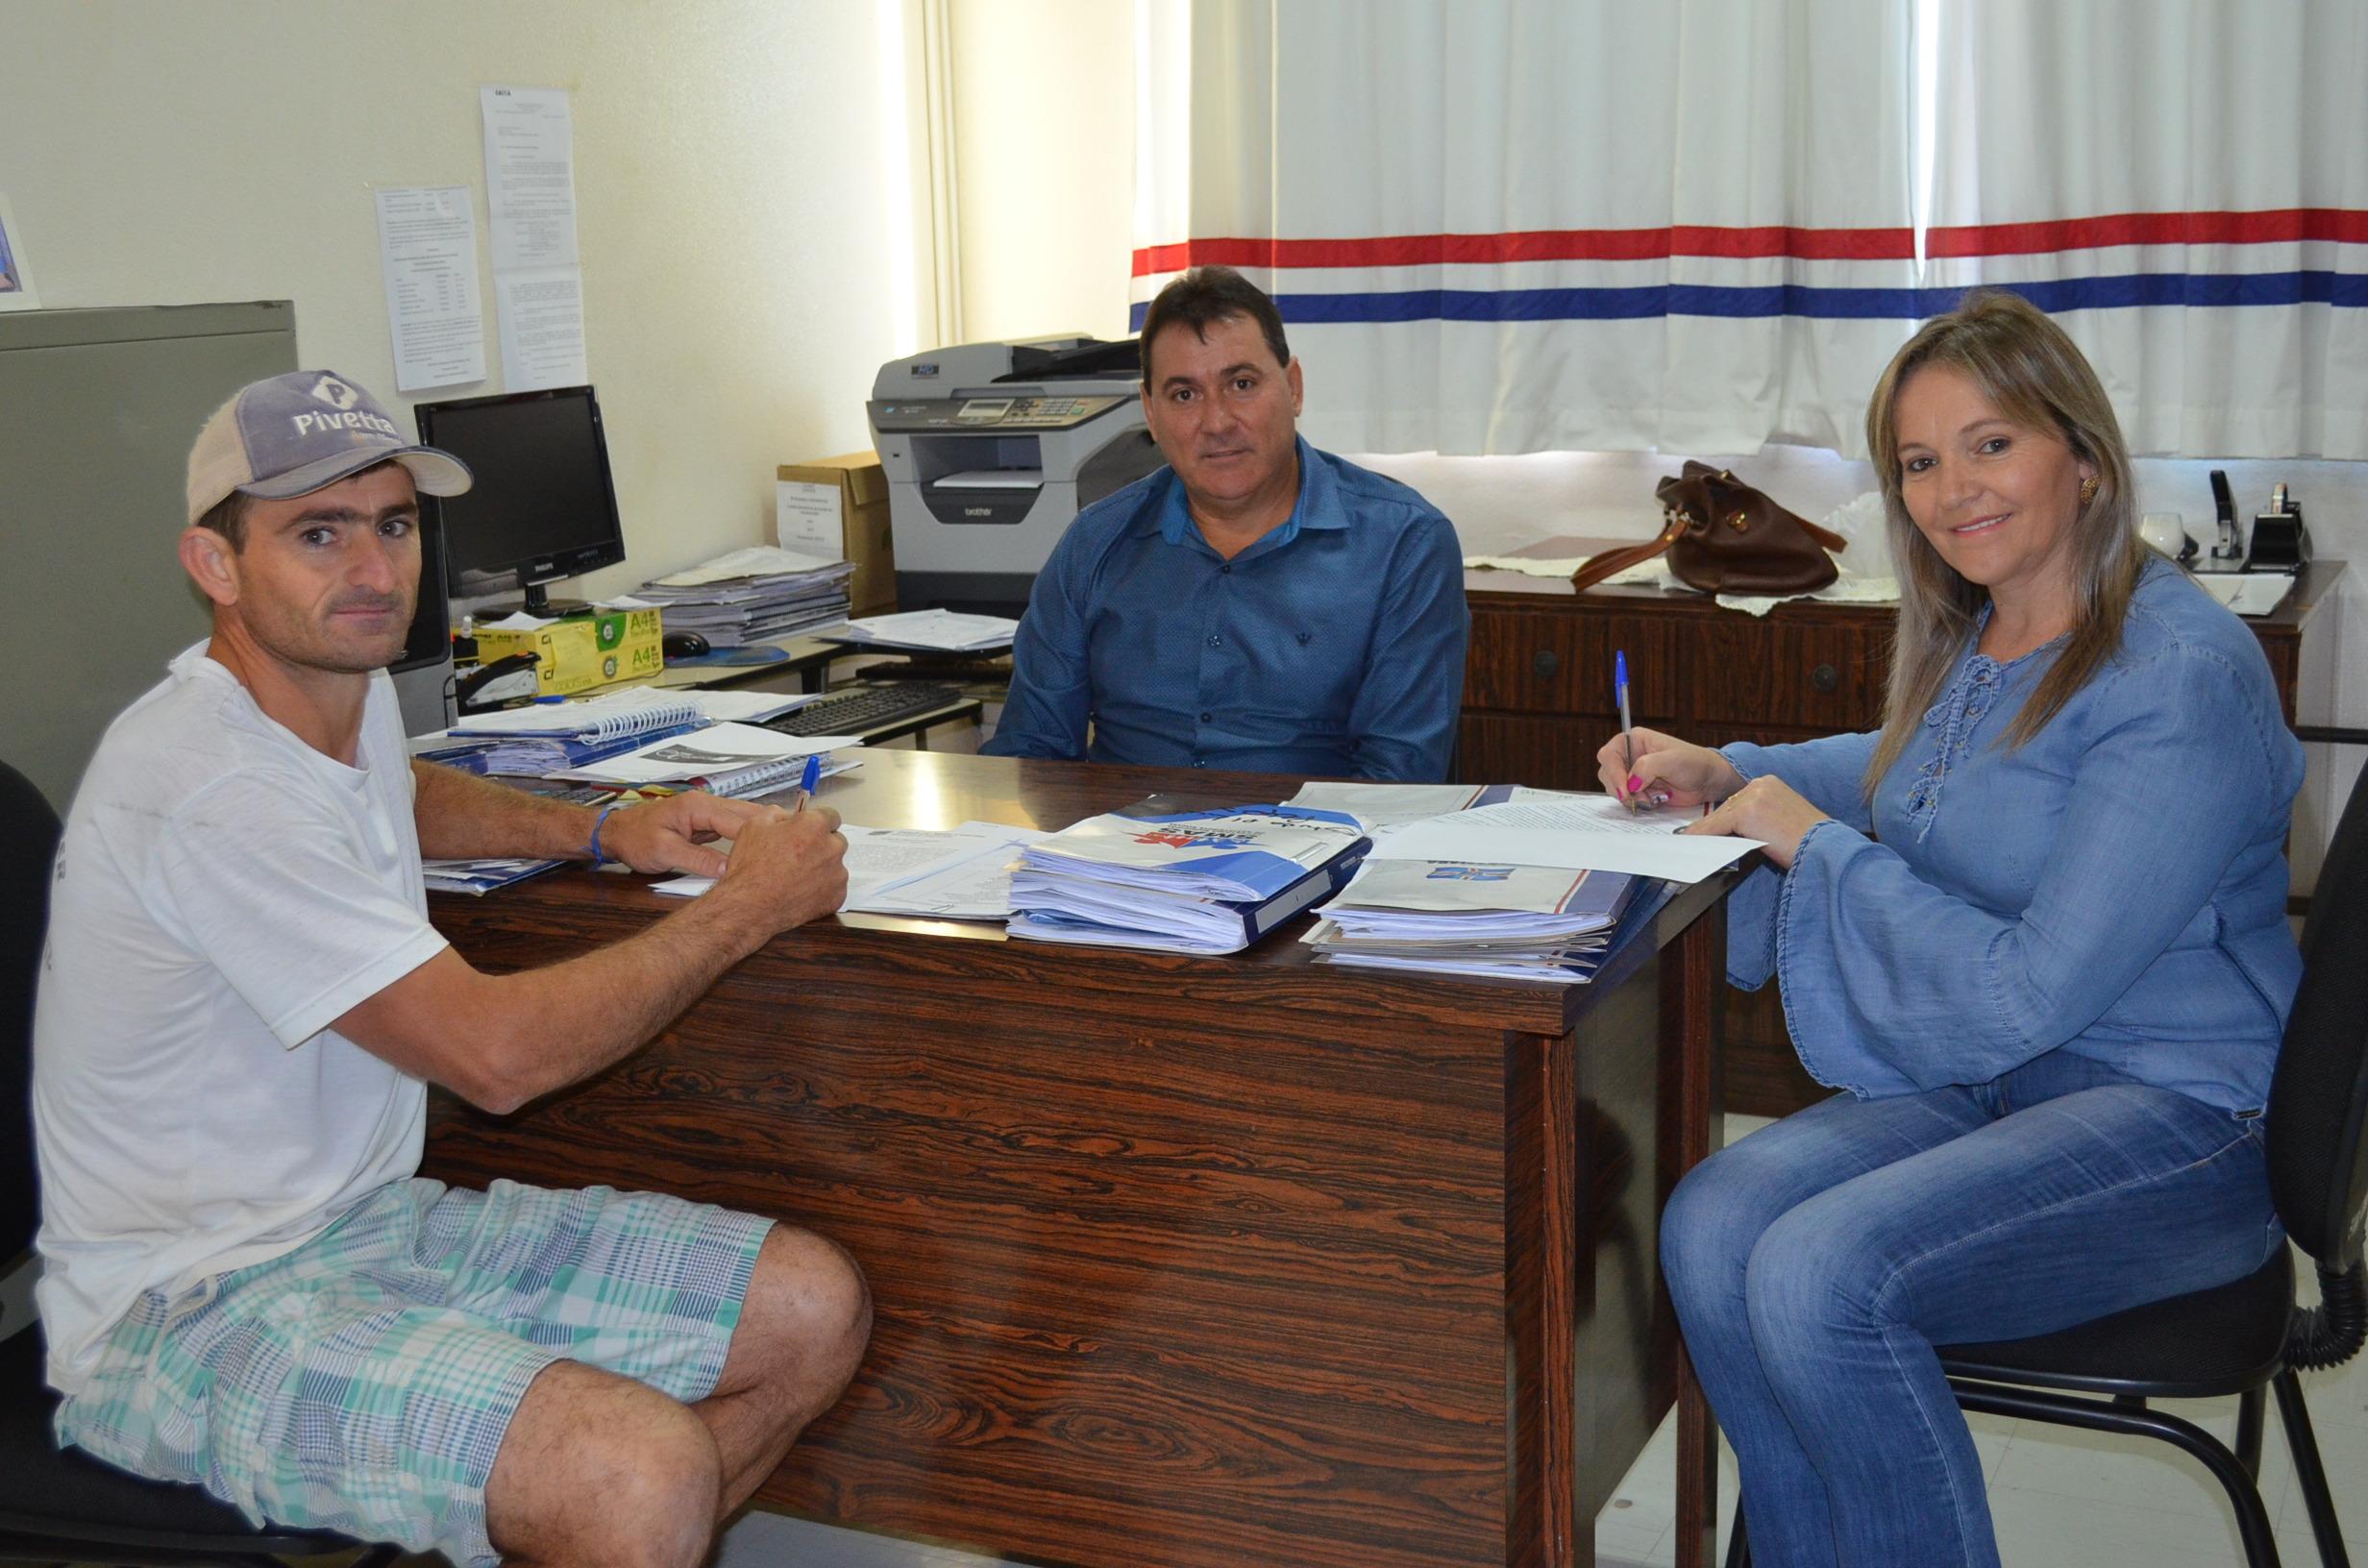 Administração assina Termo de Fomento com o Grupo Folclórico Lichtenschien